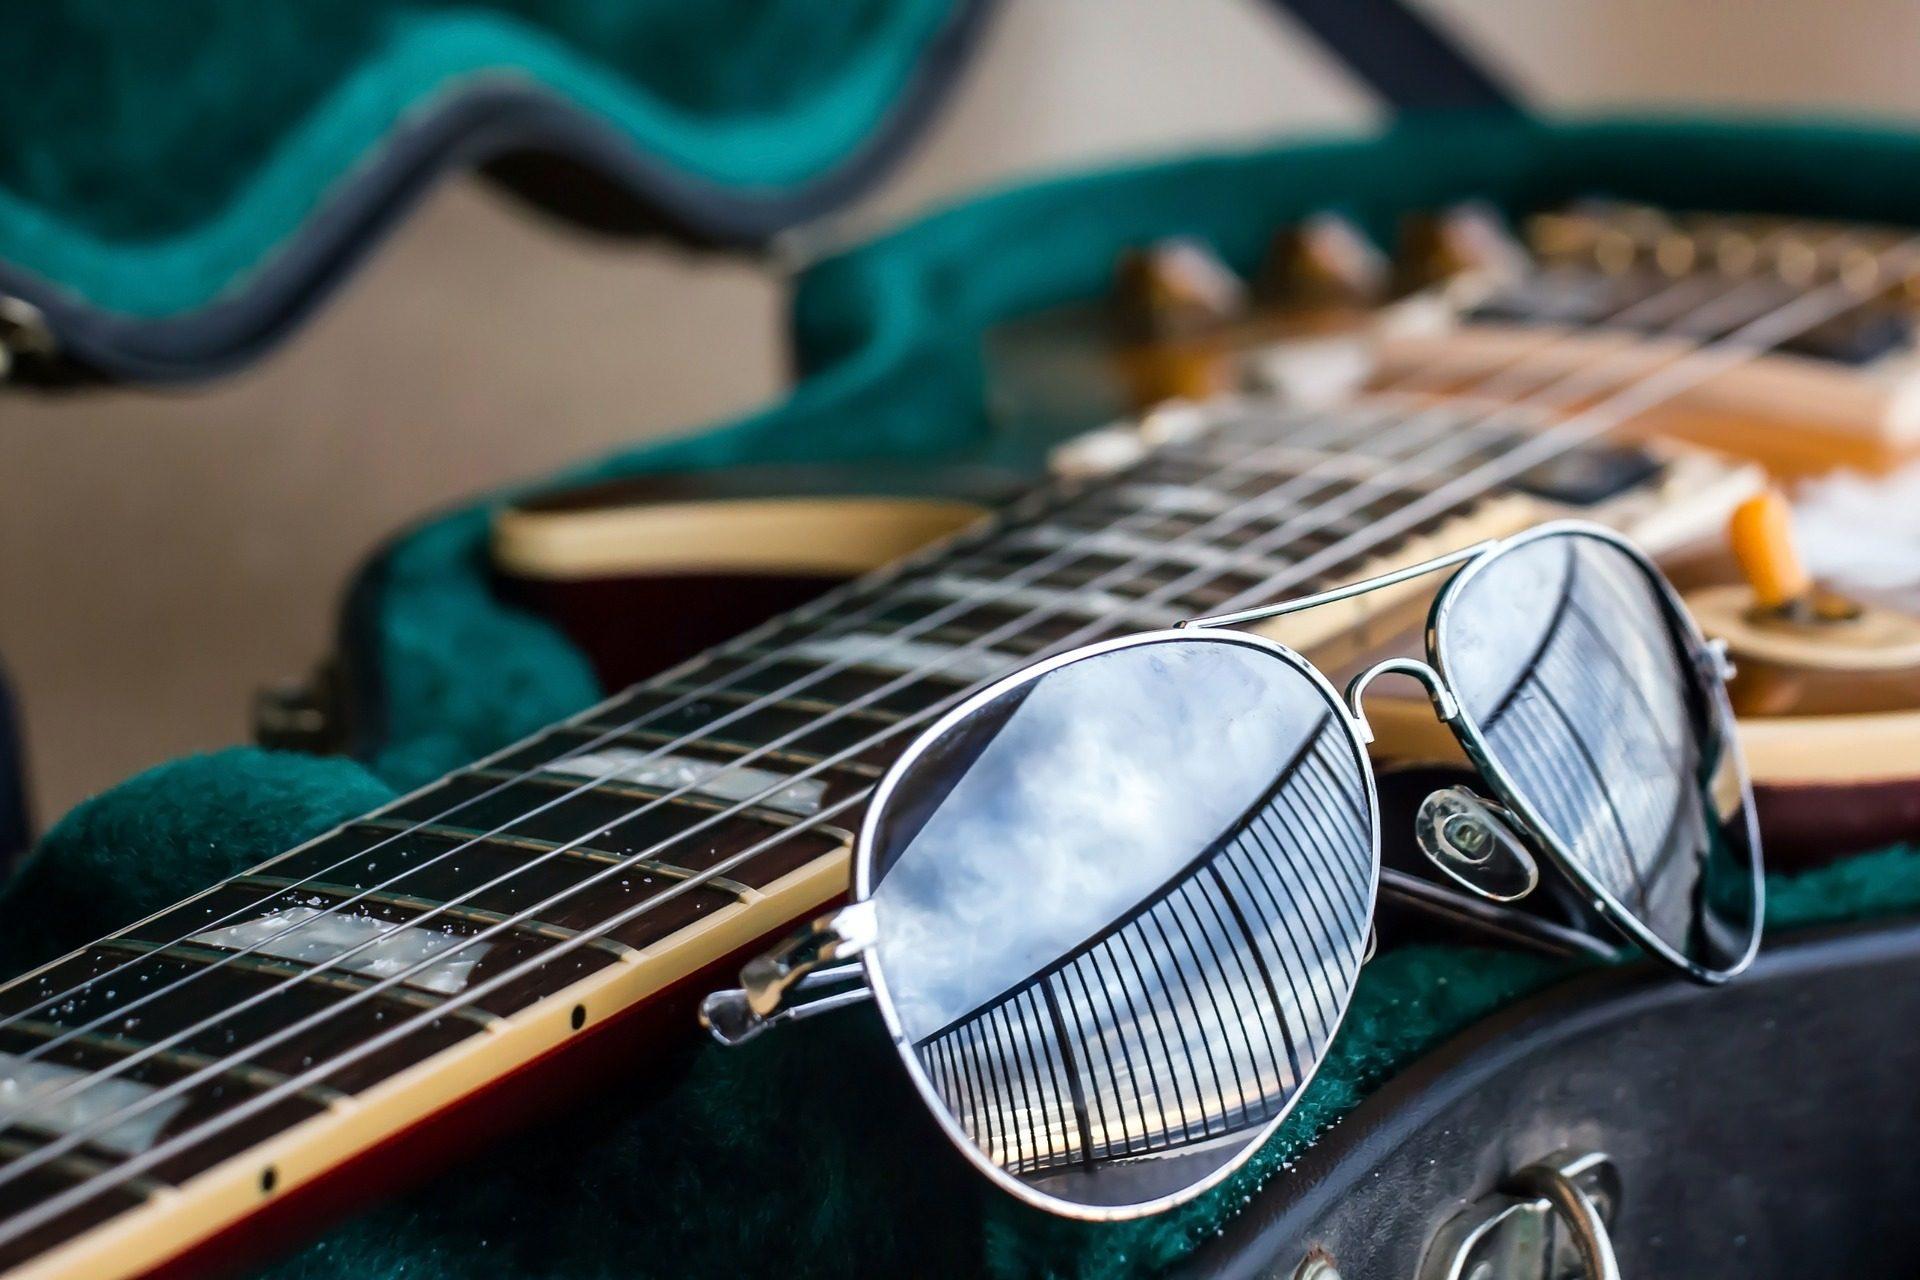 Κιθάρα, γυαλιά ηλίου, κατάρτι, συμβολοσειρές, αντανάκλαση - Wallpapers HD - Professor-falken.com